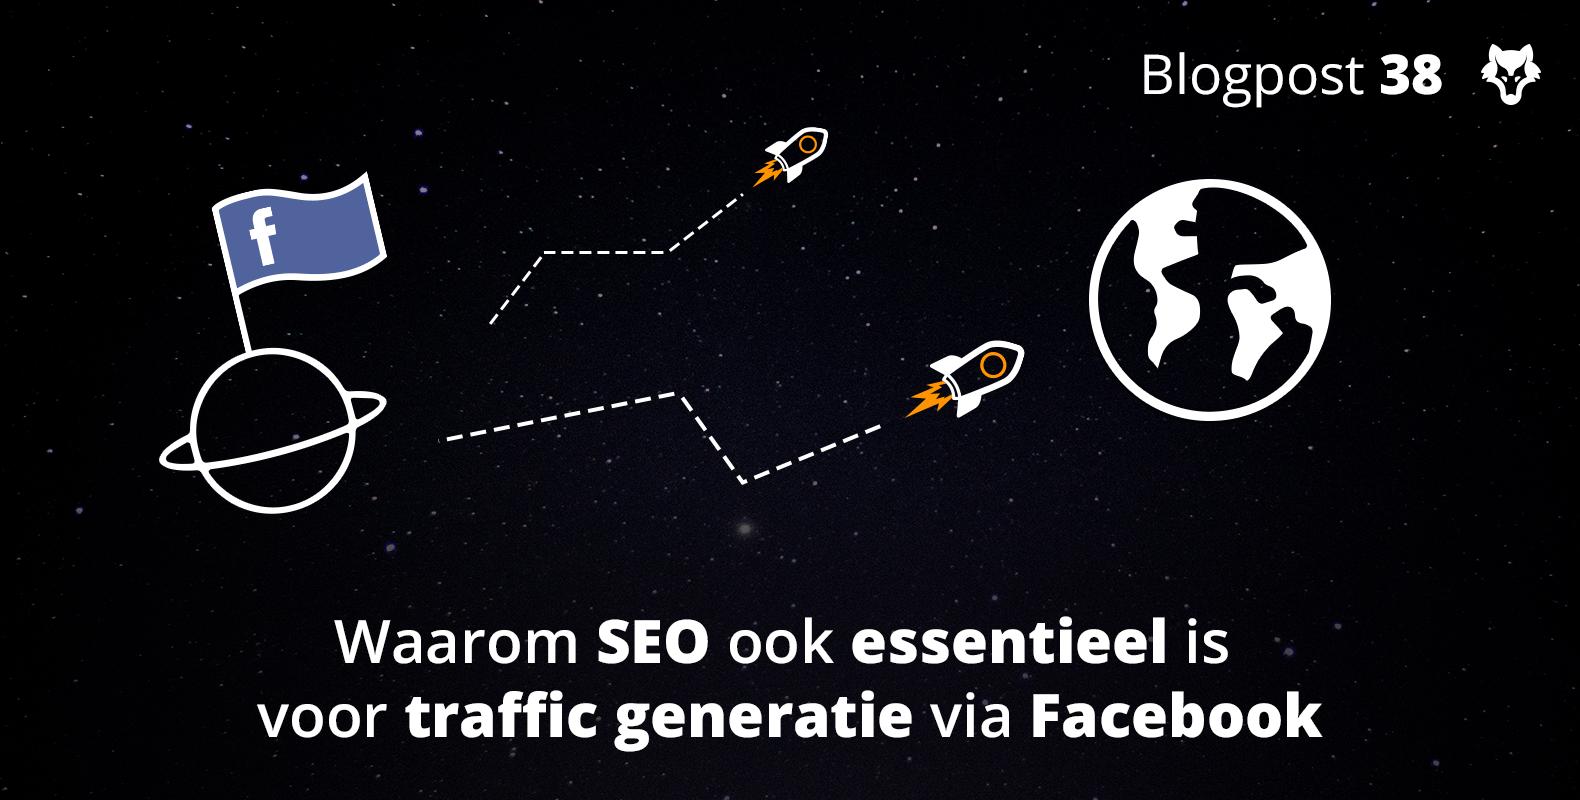 Waarom SEO ook essentieel is voor traffic generatie via Facebook